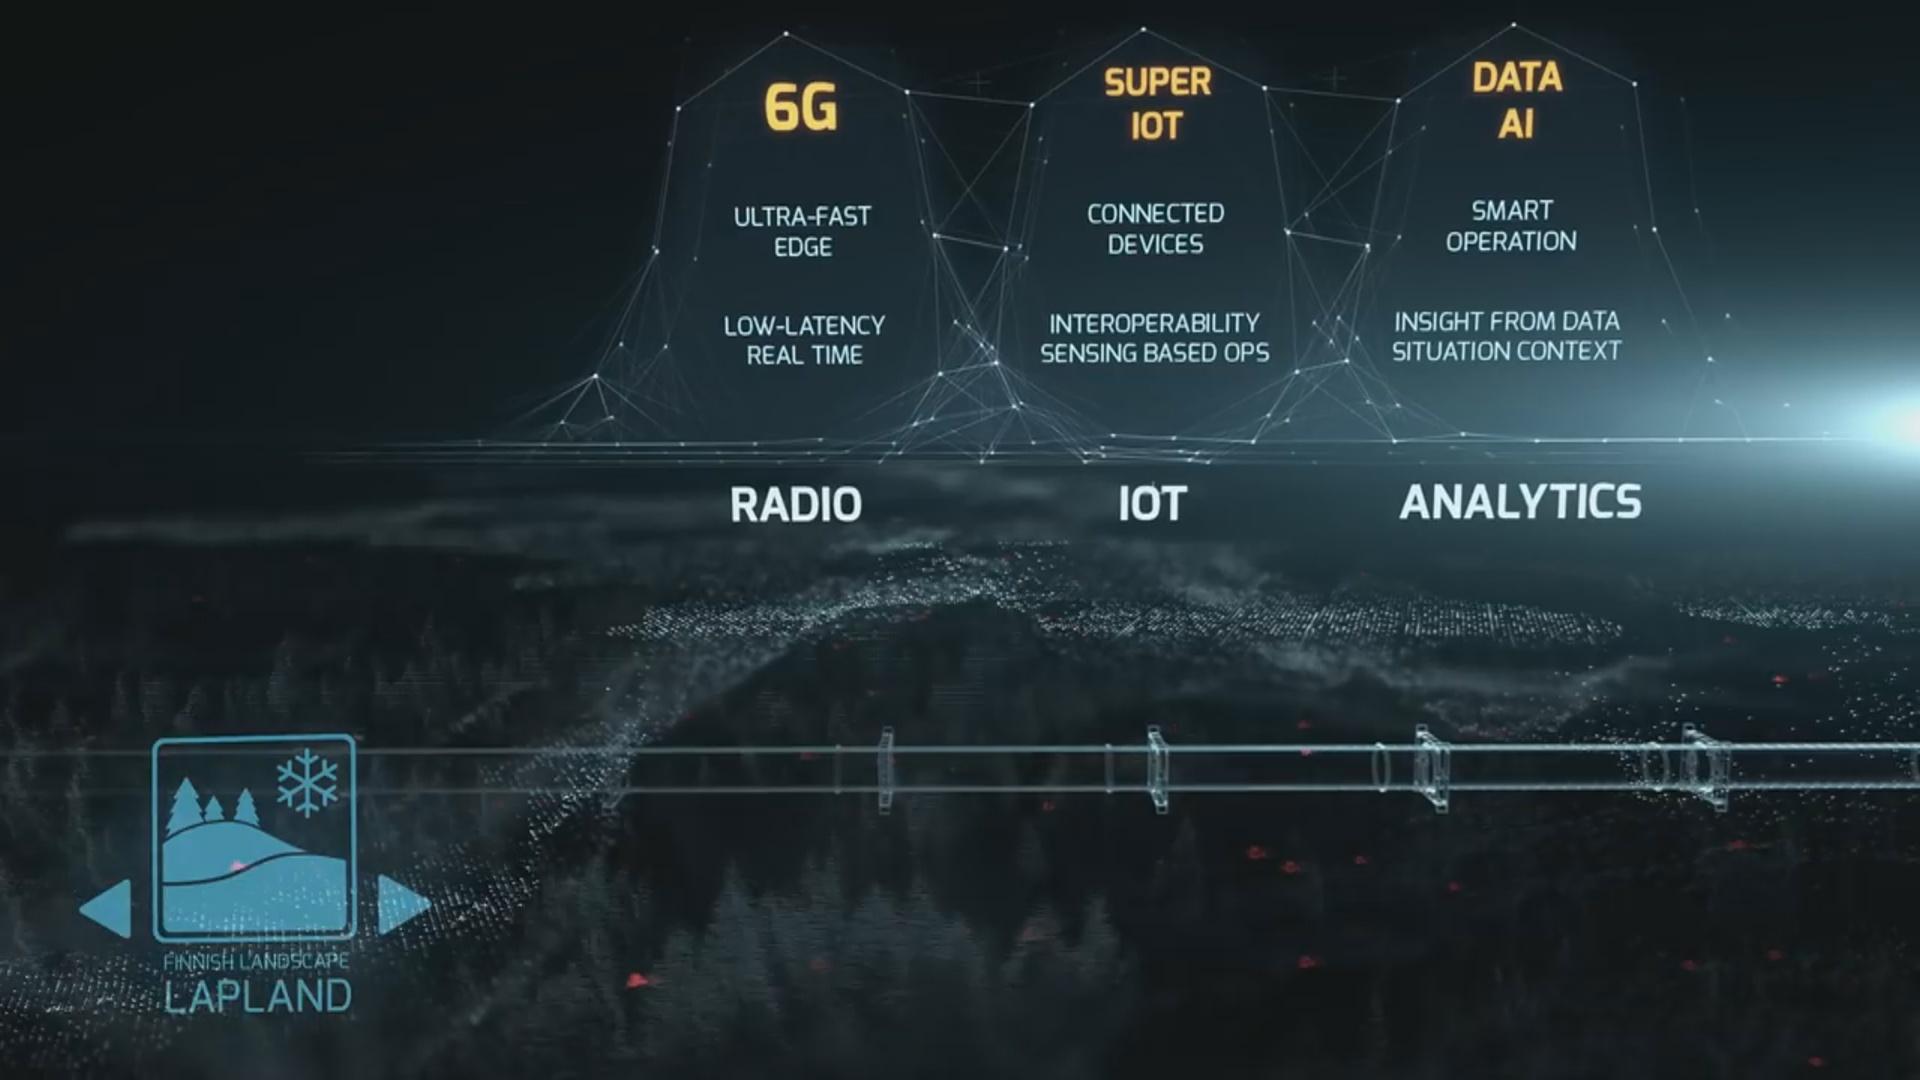 2030-cu ilədək dünyanı dəyişdirəcək texnologiya